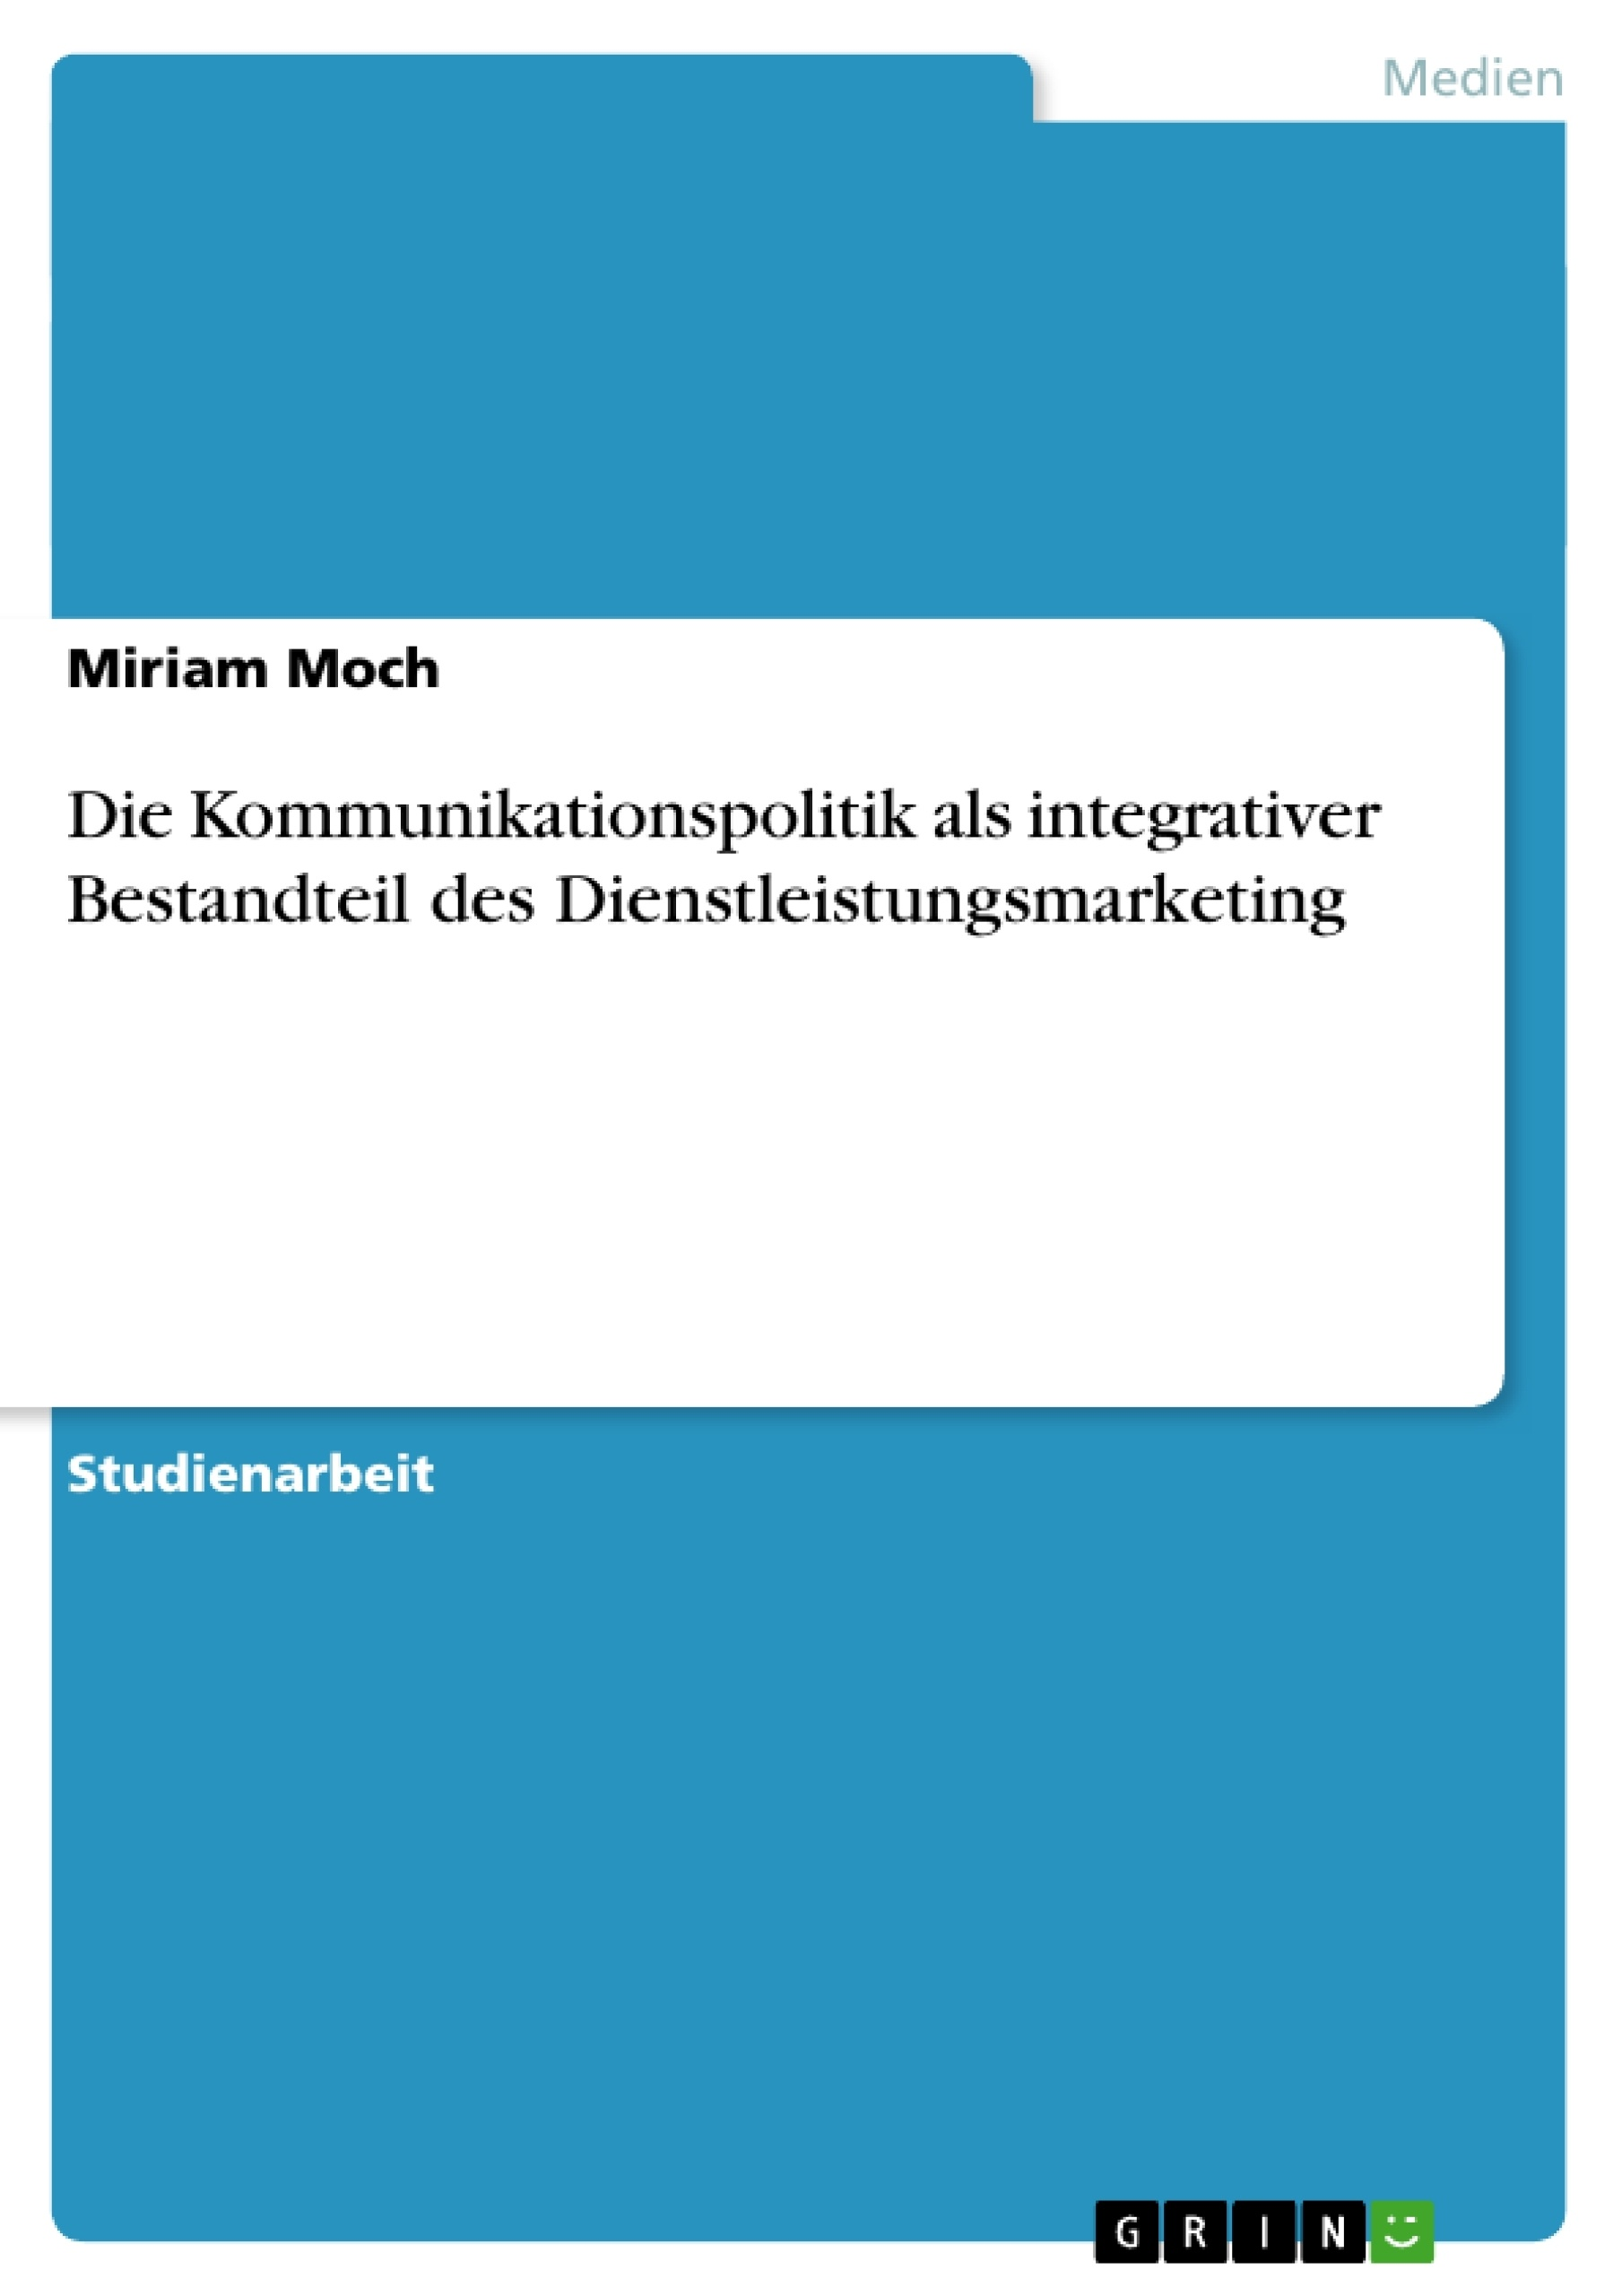 Titel: Die Kommunikationspolitik als integrativer Bestandteil des Dienstleistungsmarketing